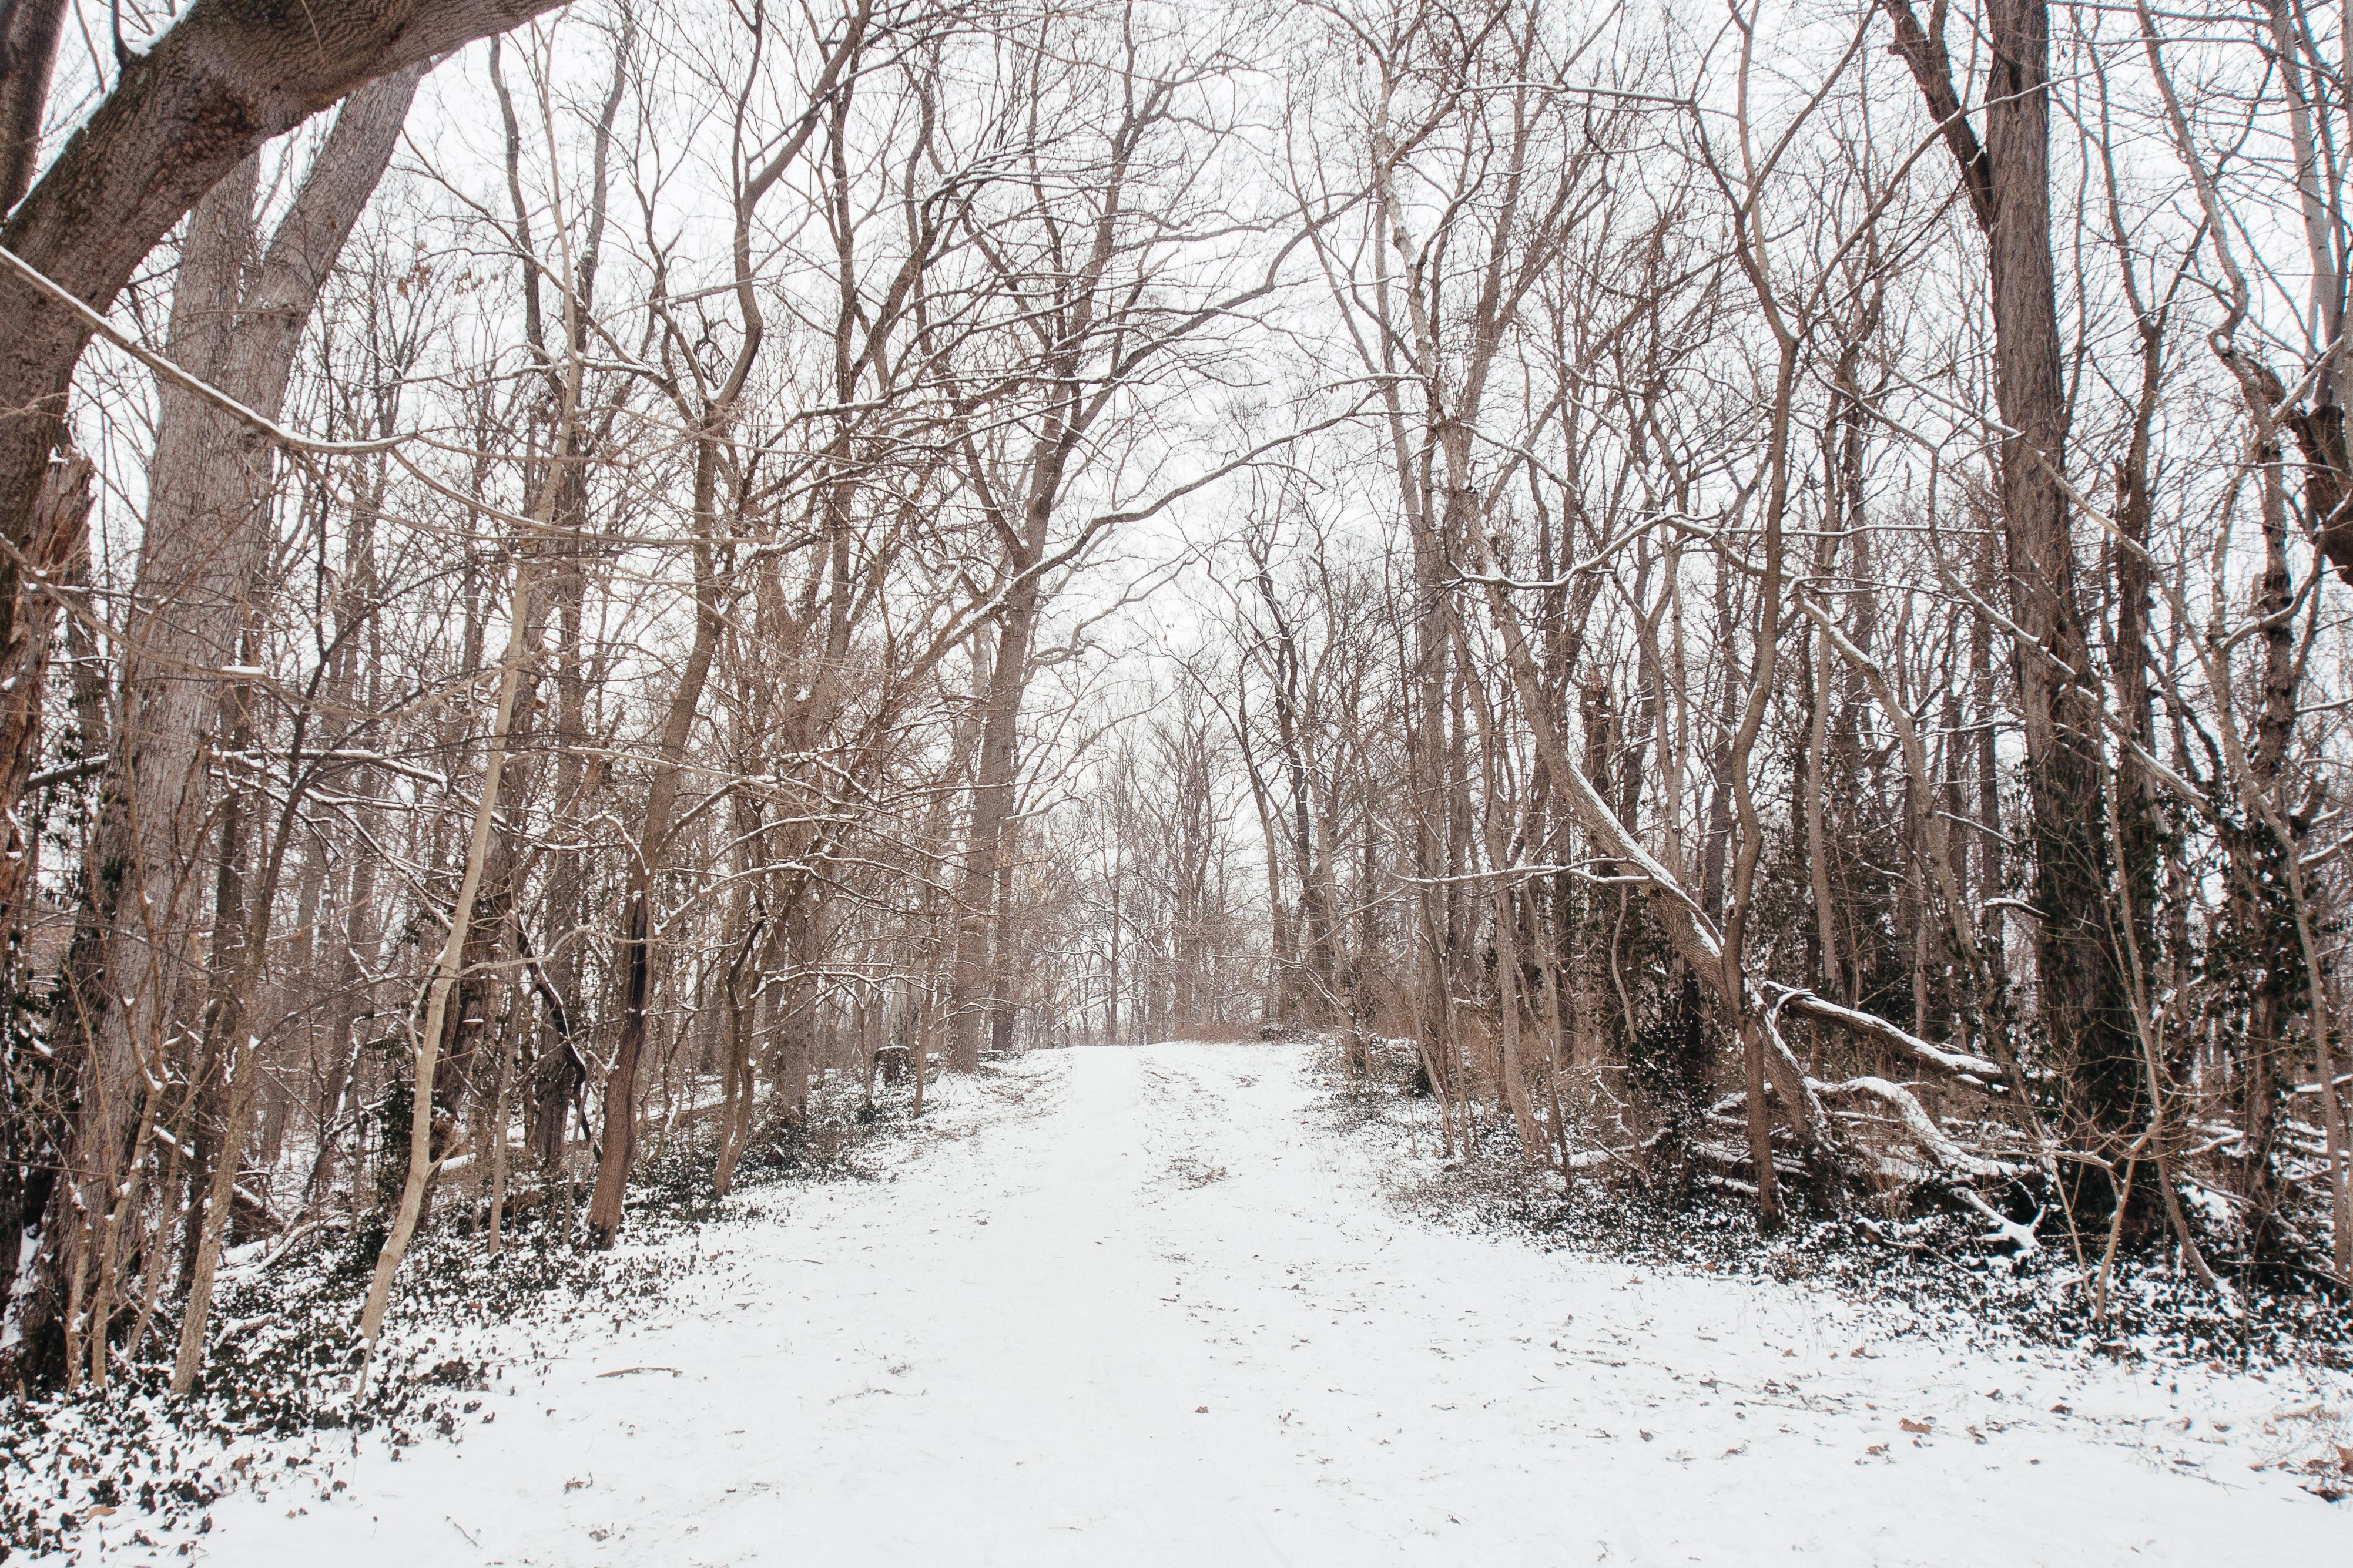 Parker's Woods